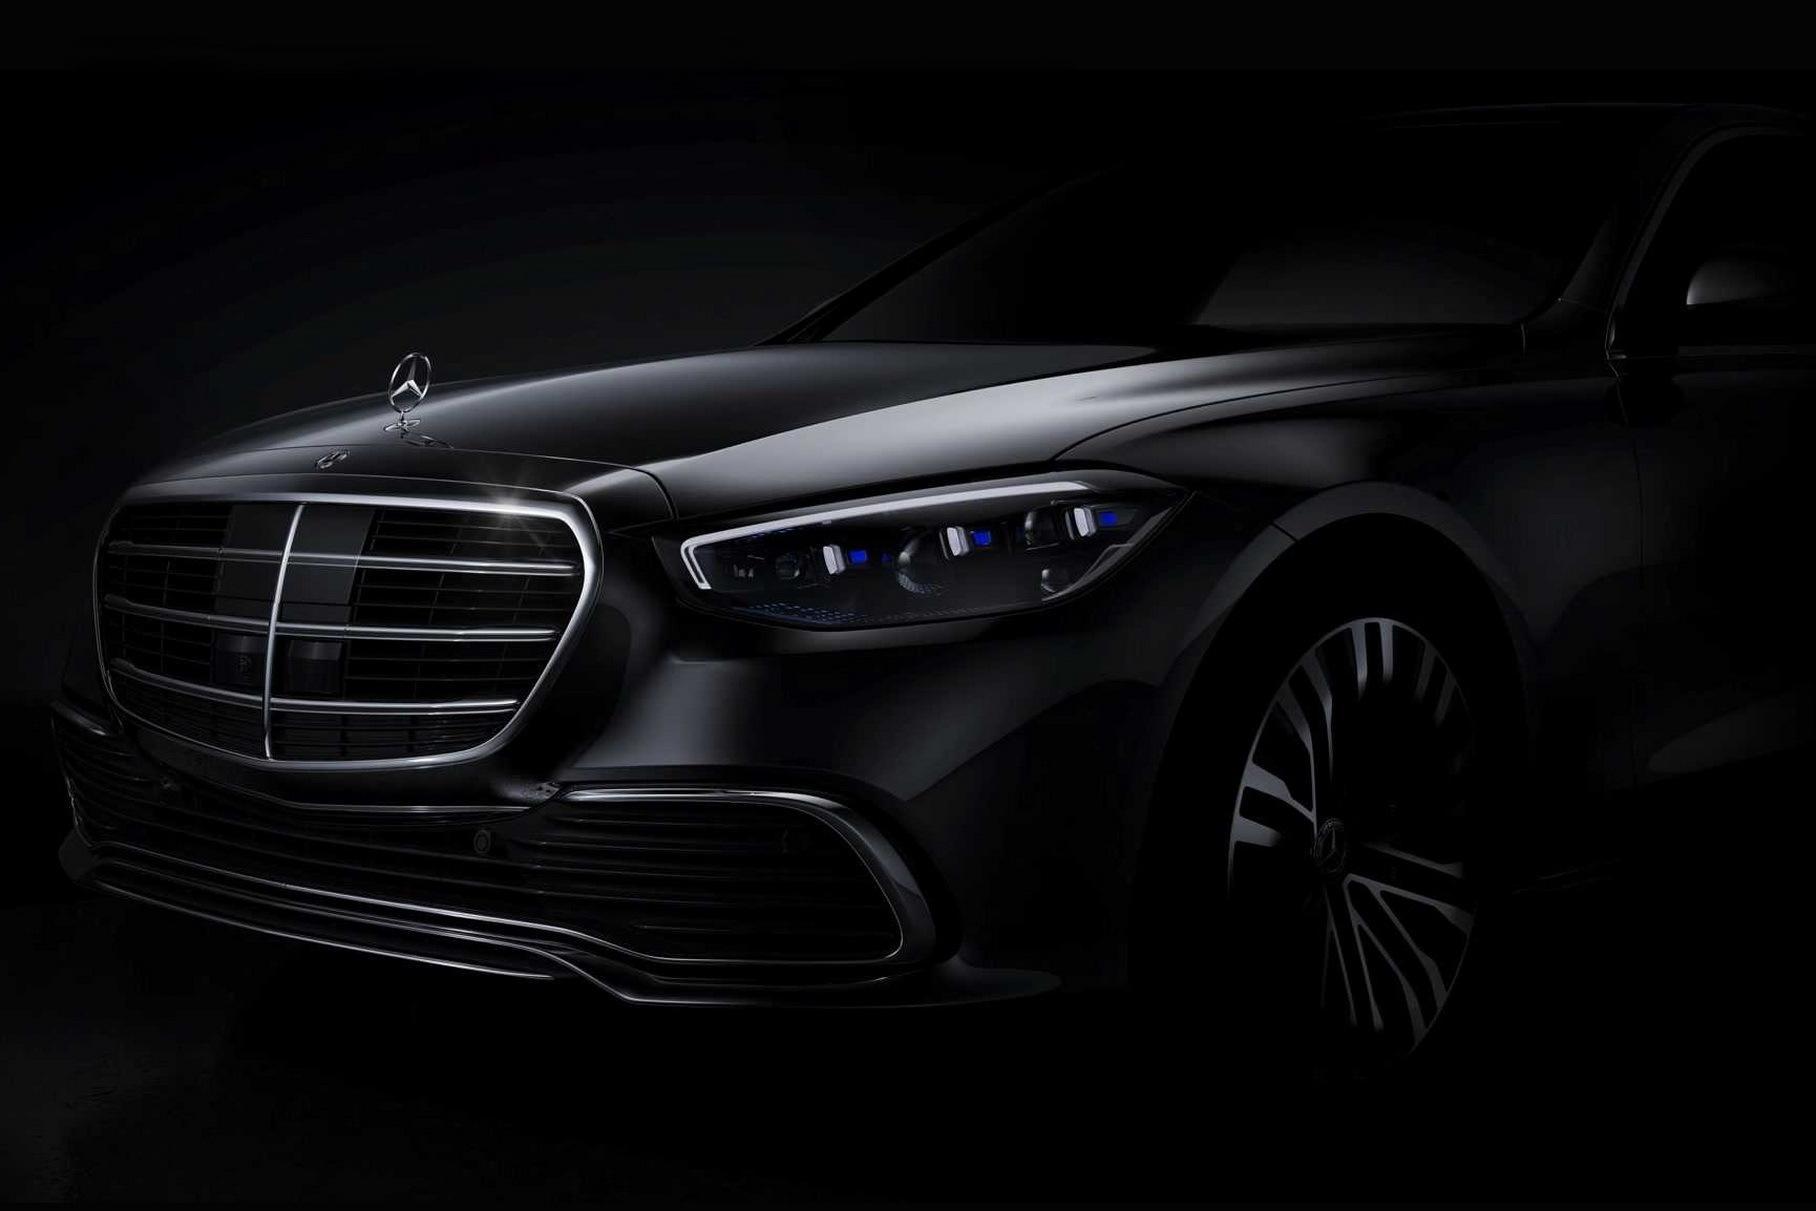 Mercedes-Benz уже не раз переносил дебют S-класса в кузове W223. Теперь названы окончательные сроки премьеры, а заодно раскрыта техническая информация о новинке.